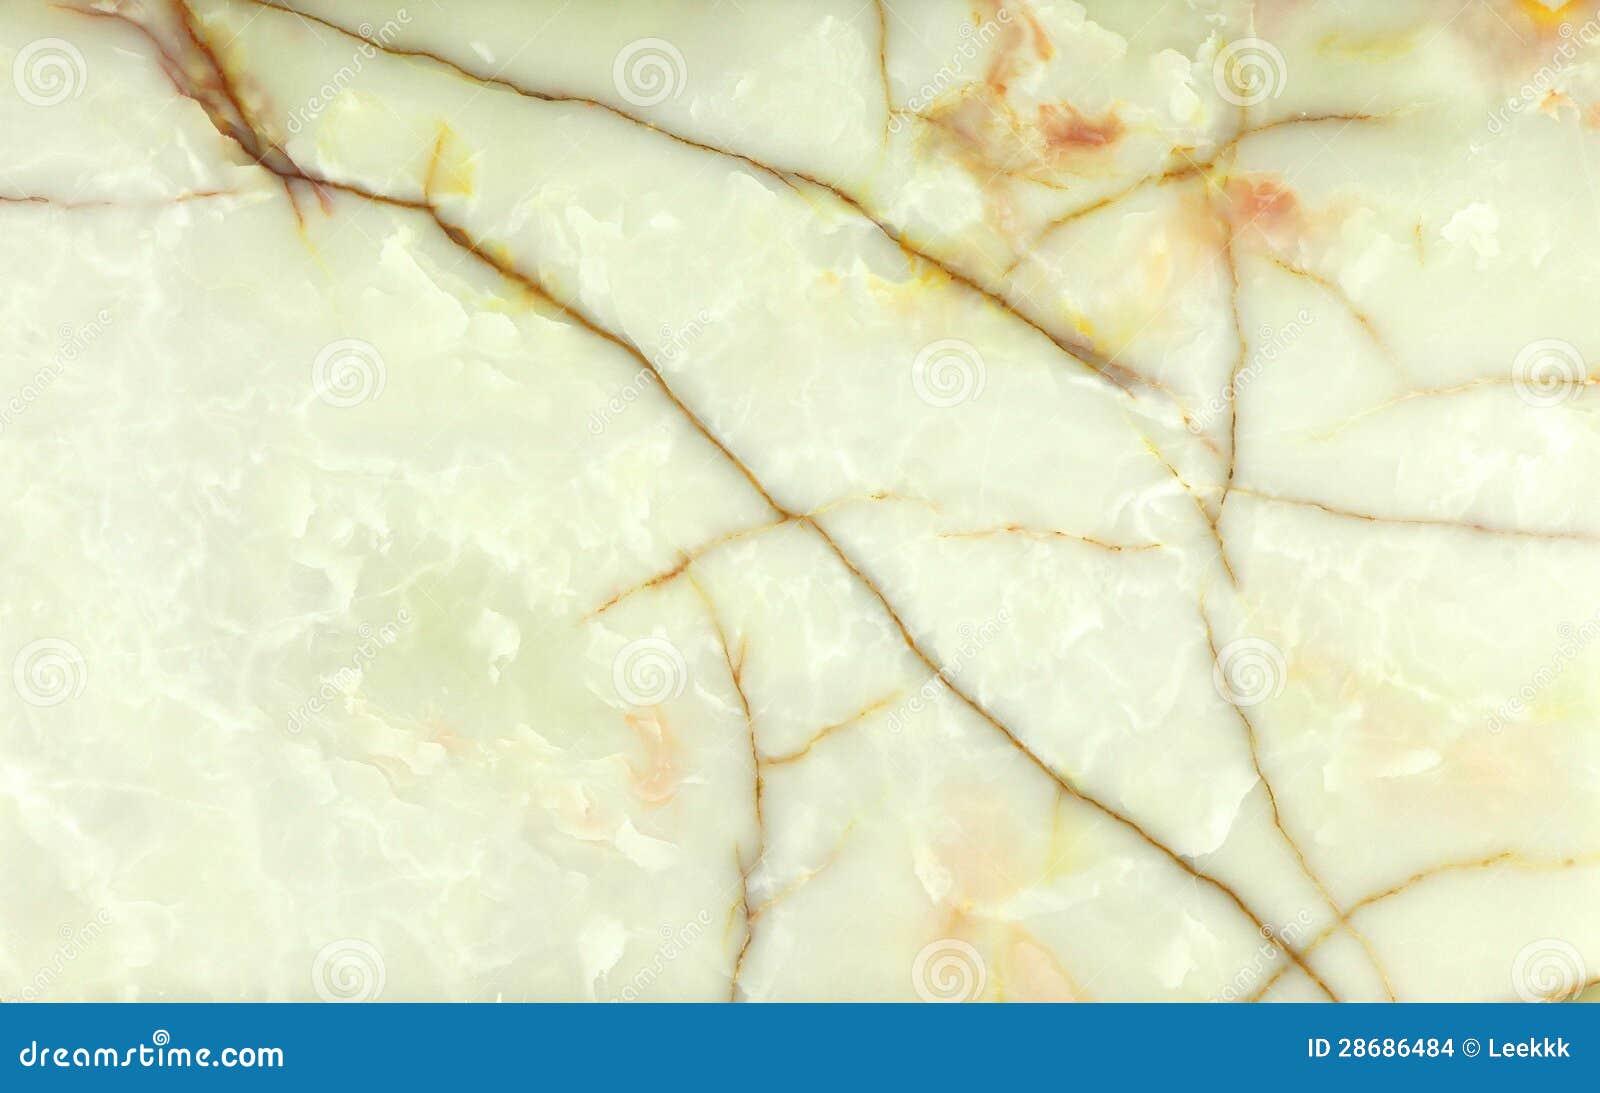 Marble Onyx Slab Stone Stock Images Image 28686484